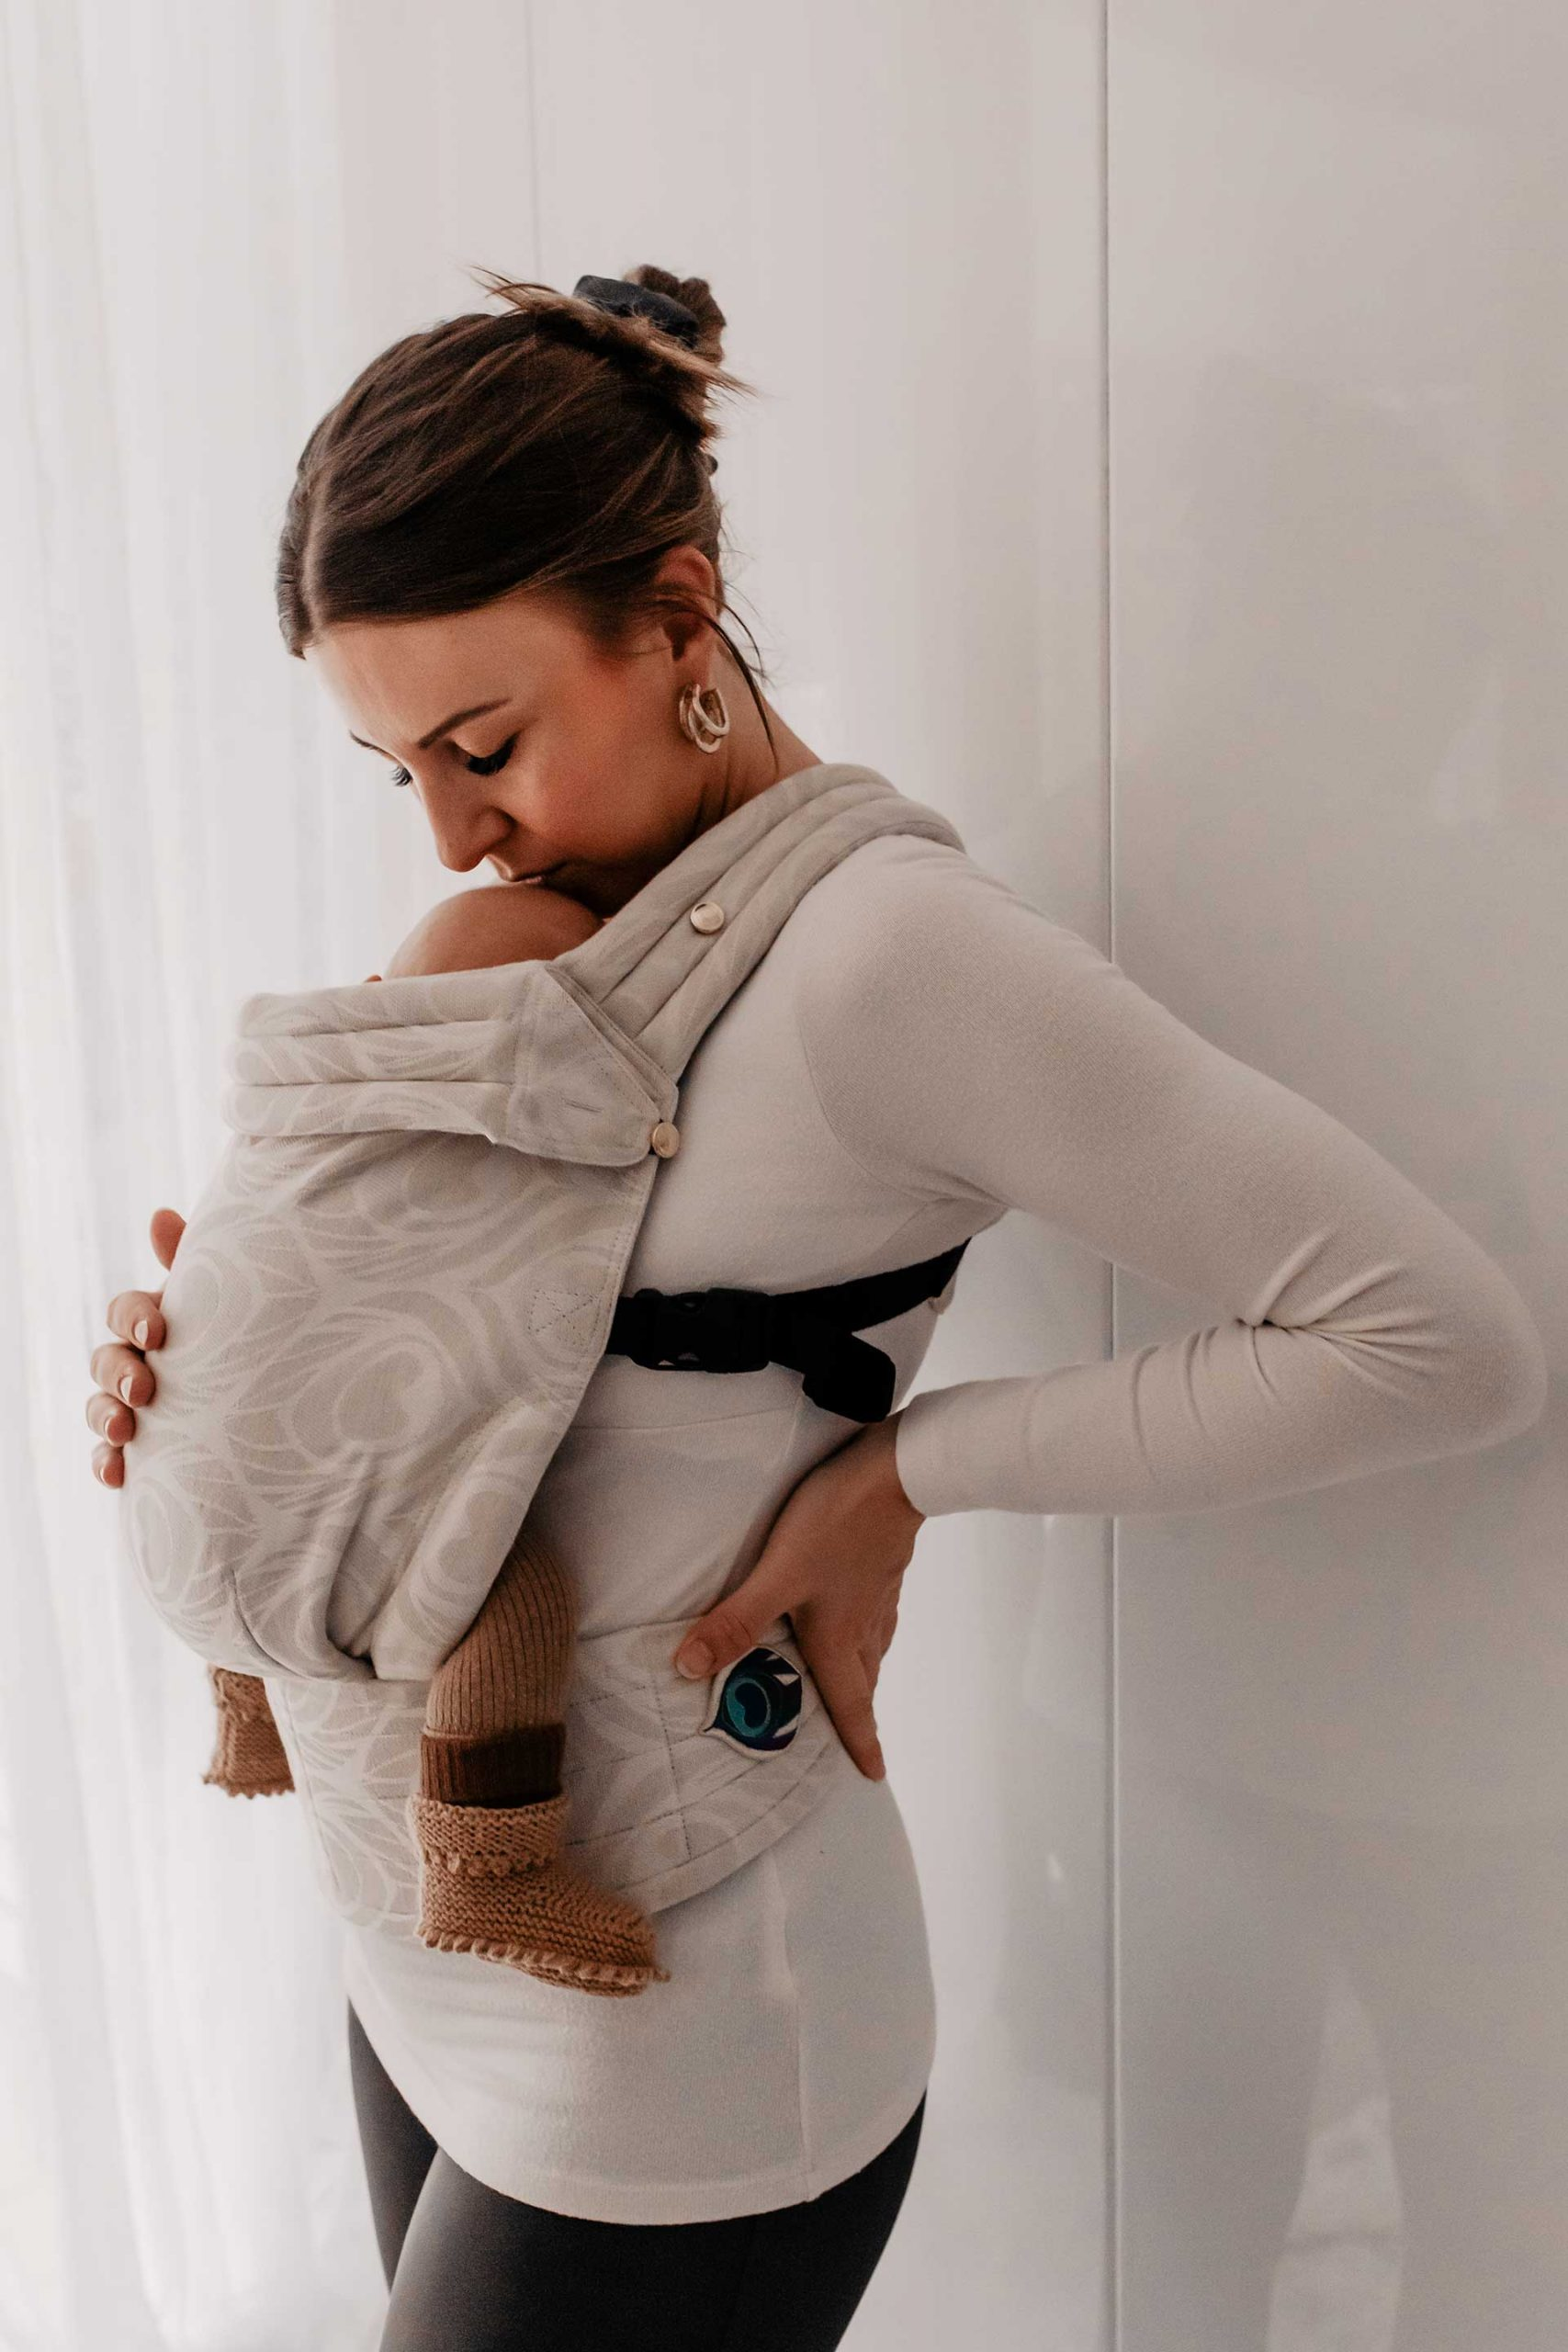 Welche Babytrage ist die Beste? Artipoppe, Kokadi, Fidella, Babybjörn oder Babytuch Tragetuch? Meinen Babytragen-Vergleich gibt es jetzt am Mamablog zu entdecken. www.whoismocca.com